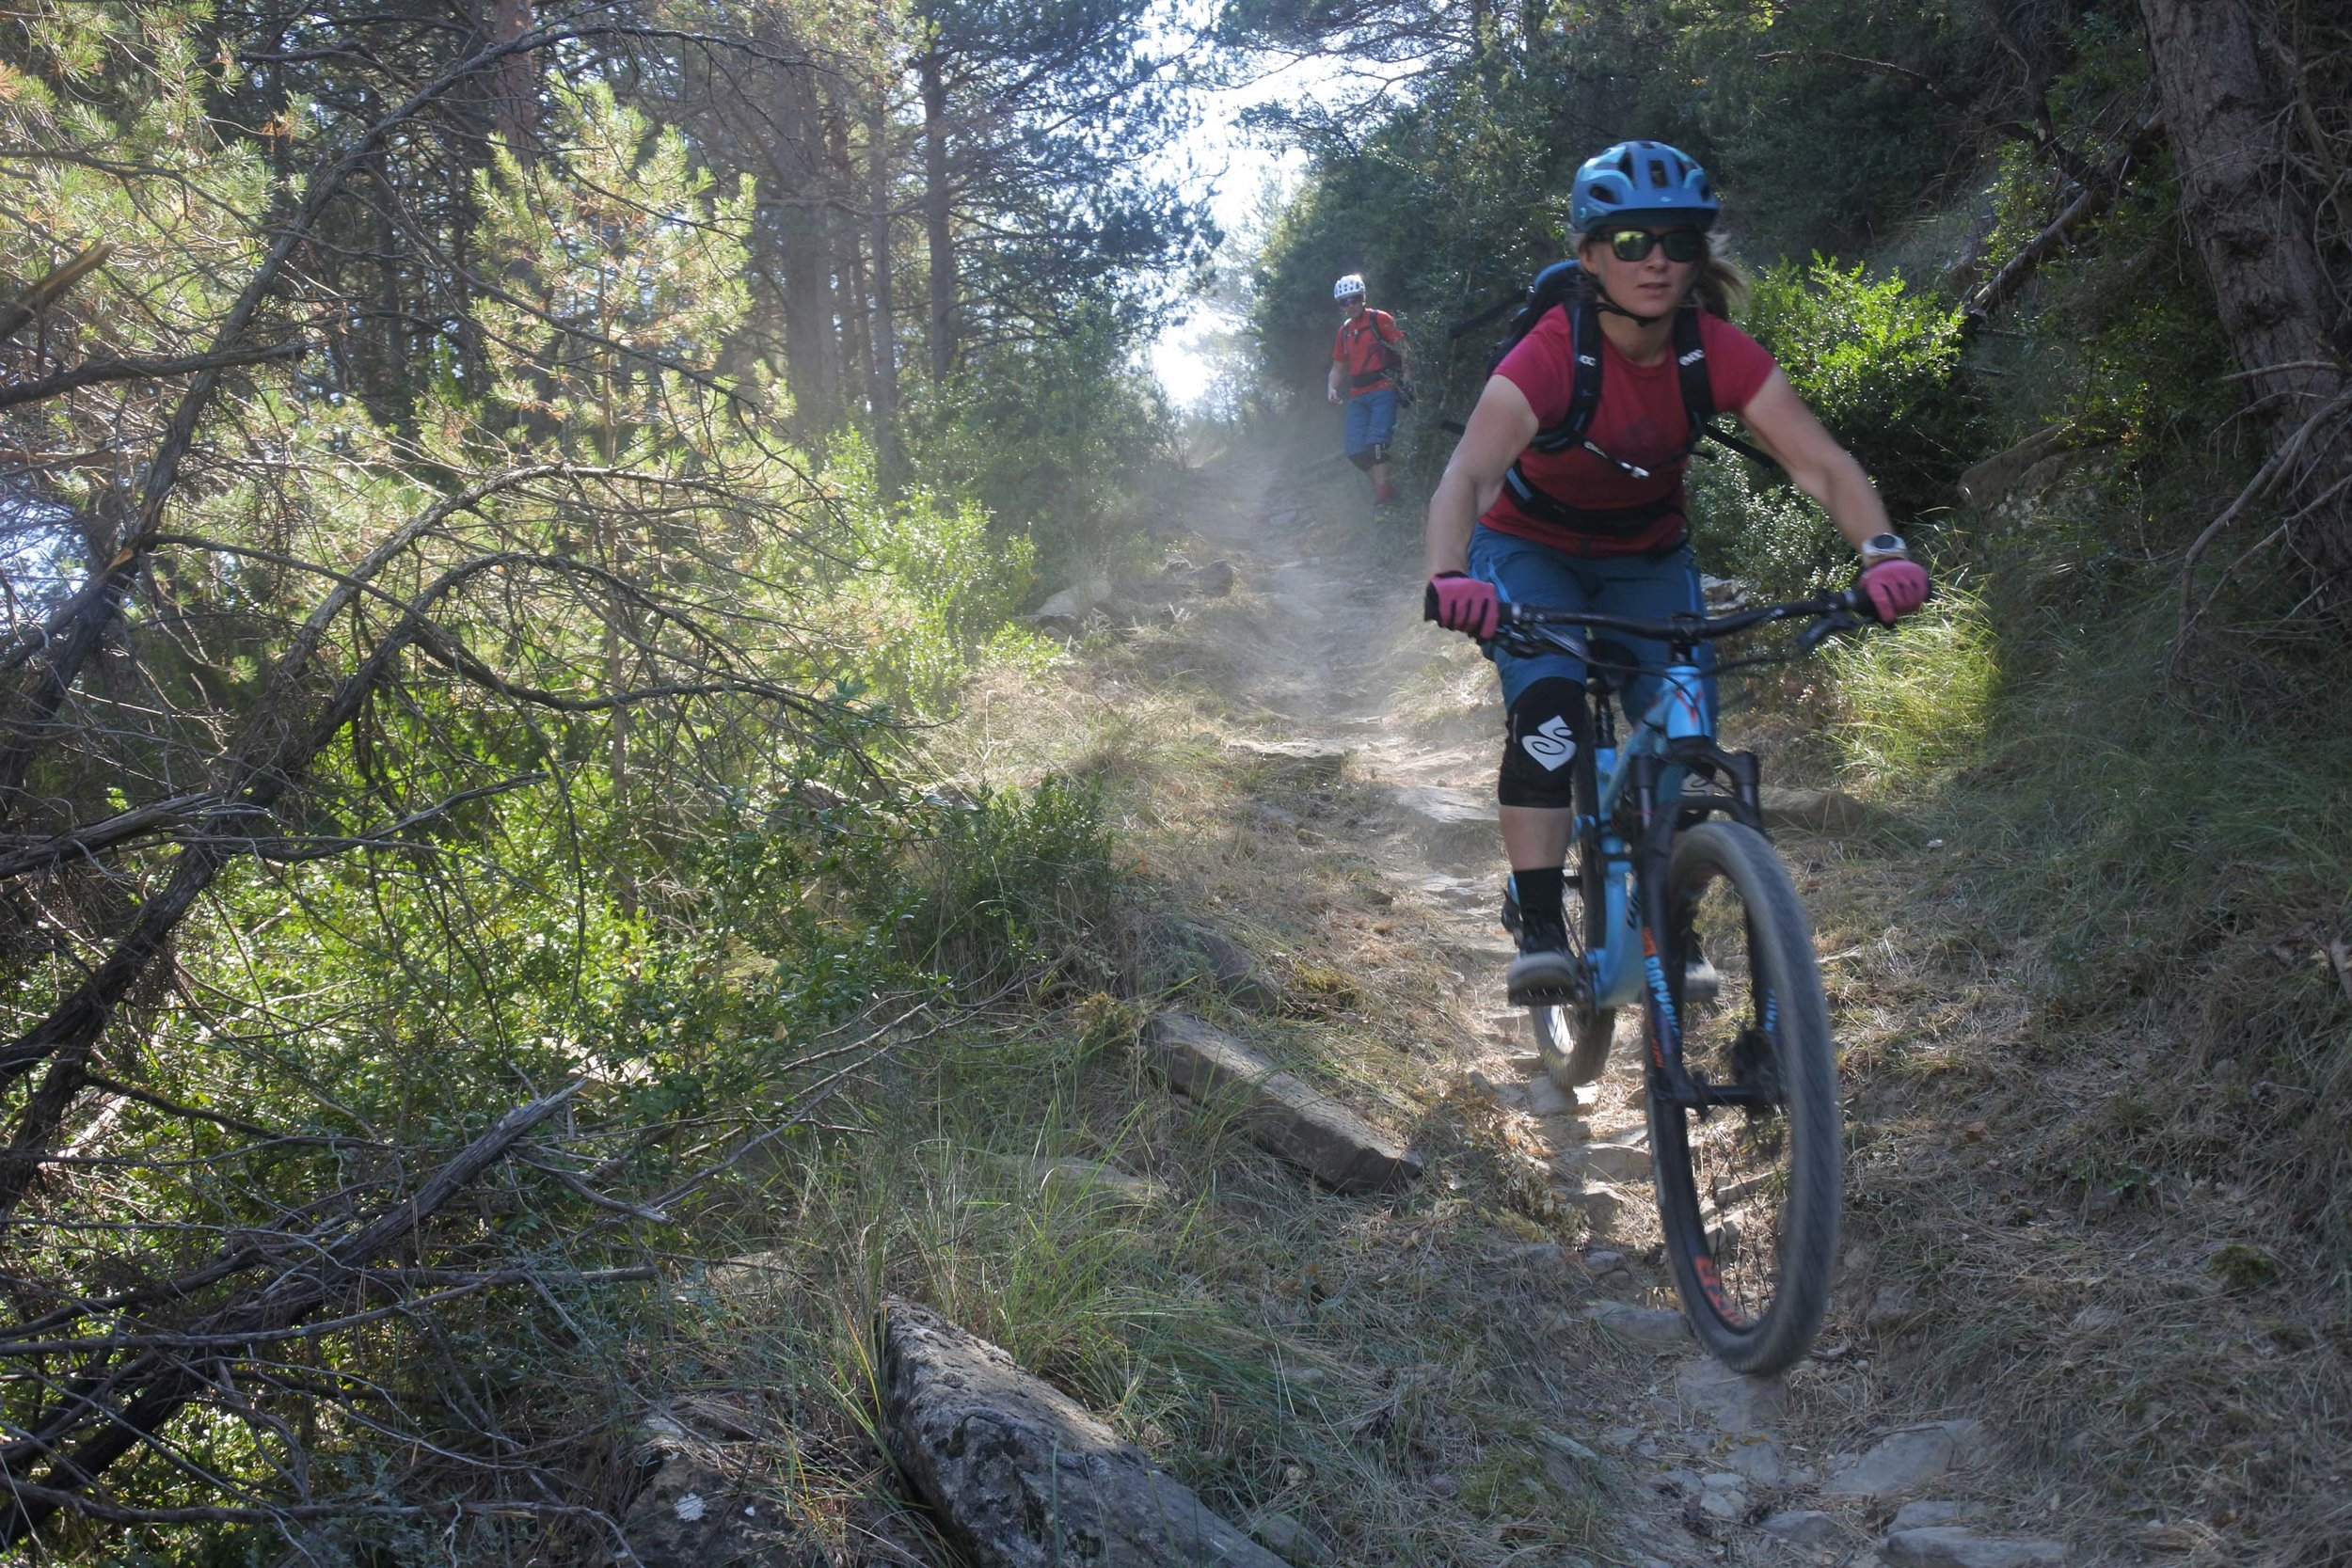 unbeaten-adeventures-mountain-biking-pyrenees-zona-zero-boltana-la-coasta-kati.jpg